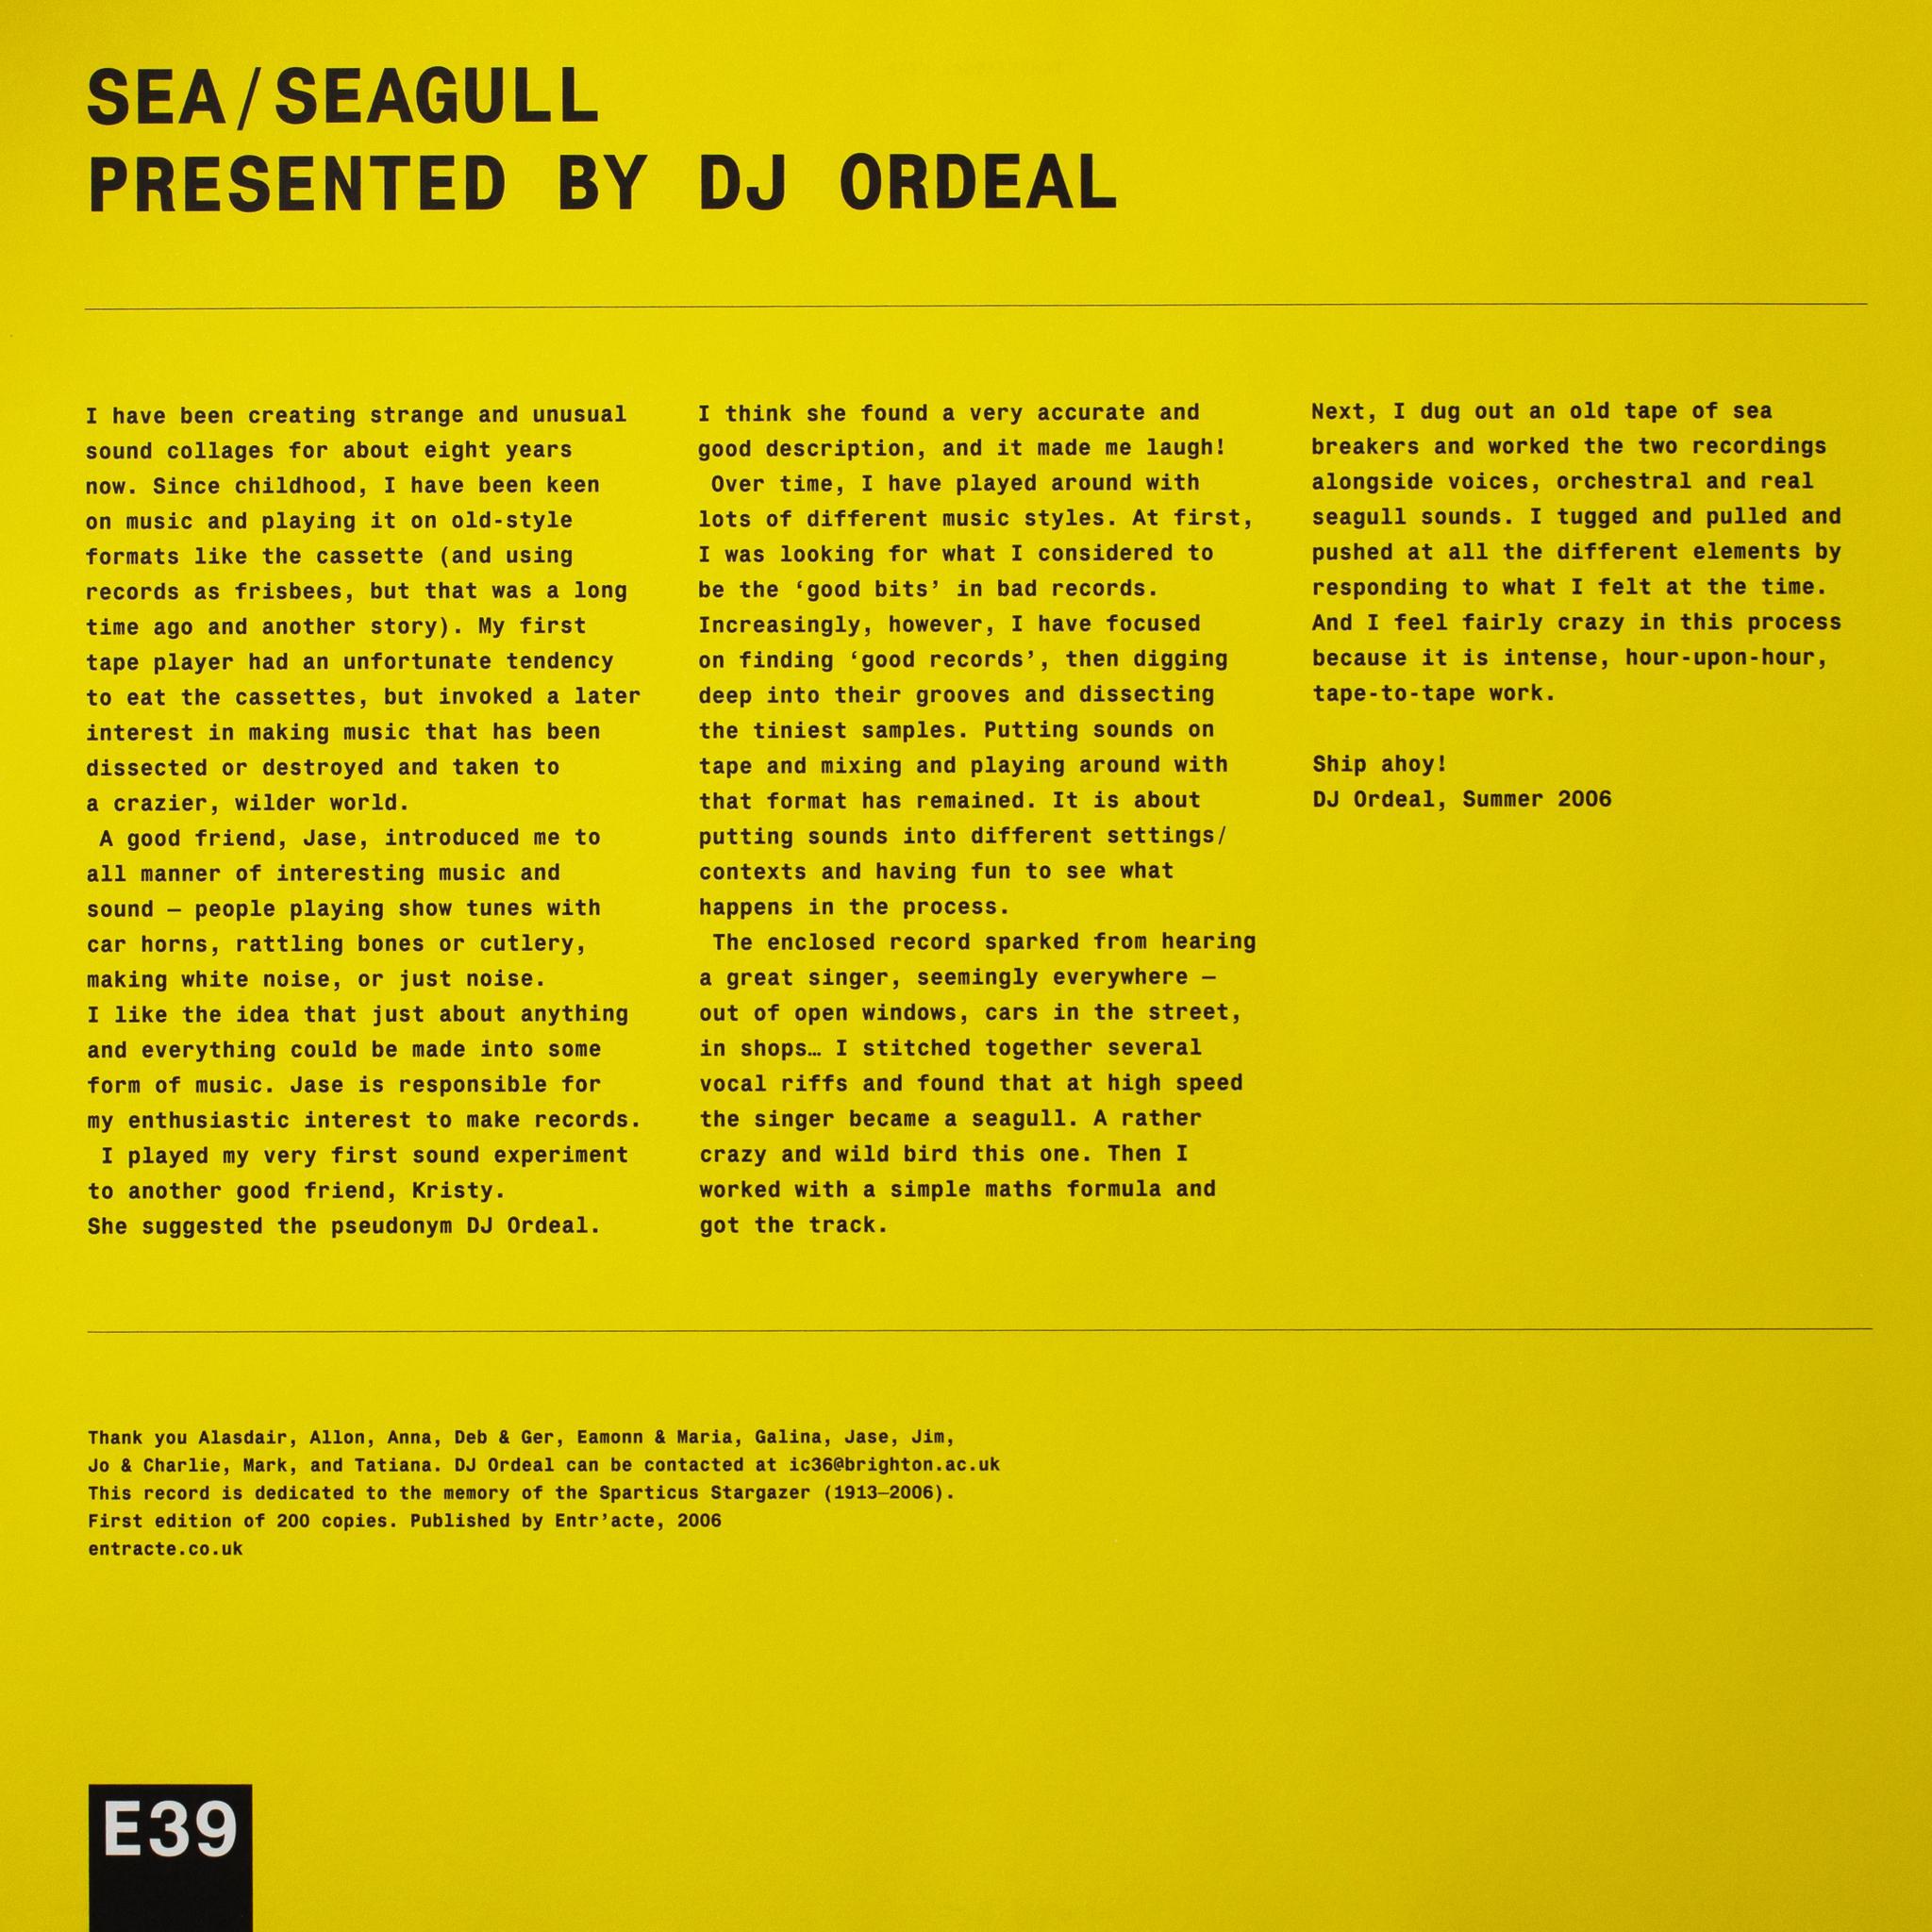 Sea / Seagull